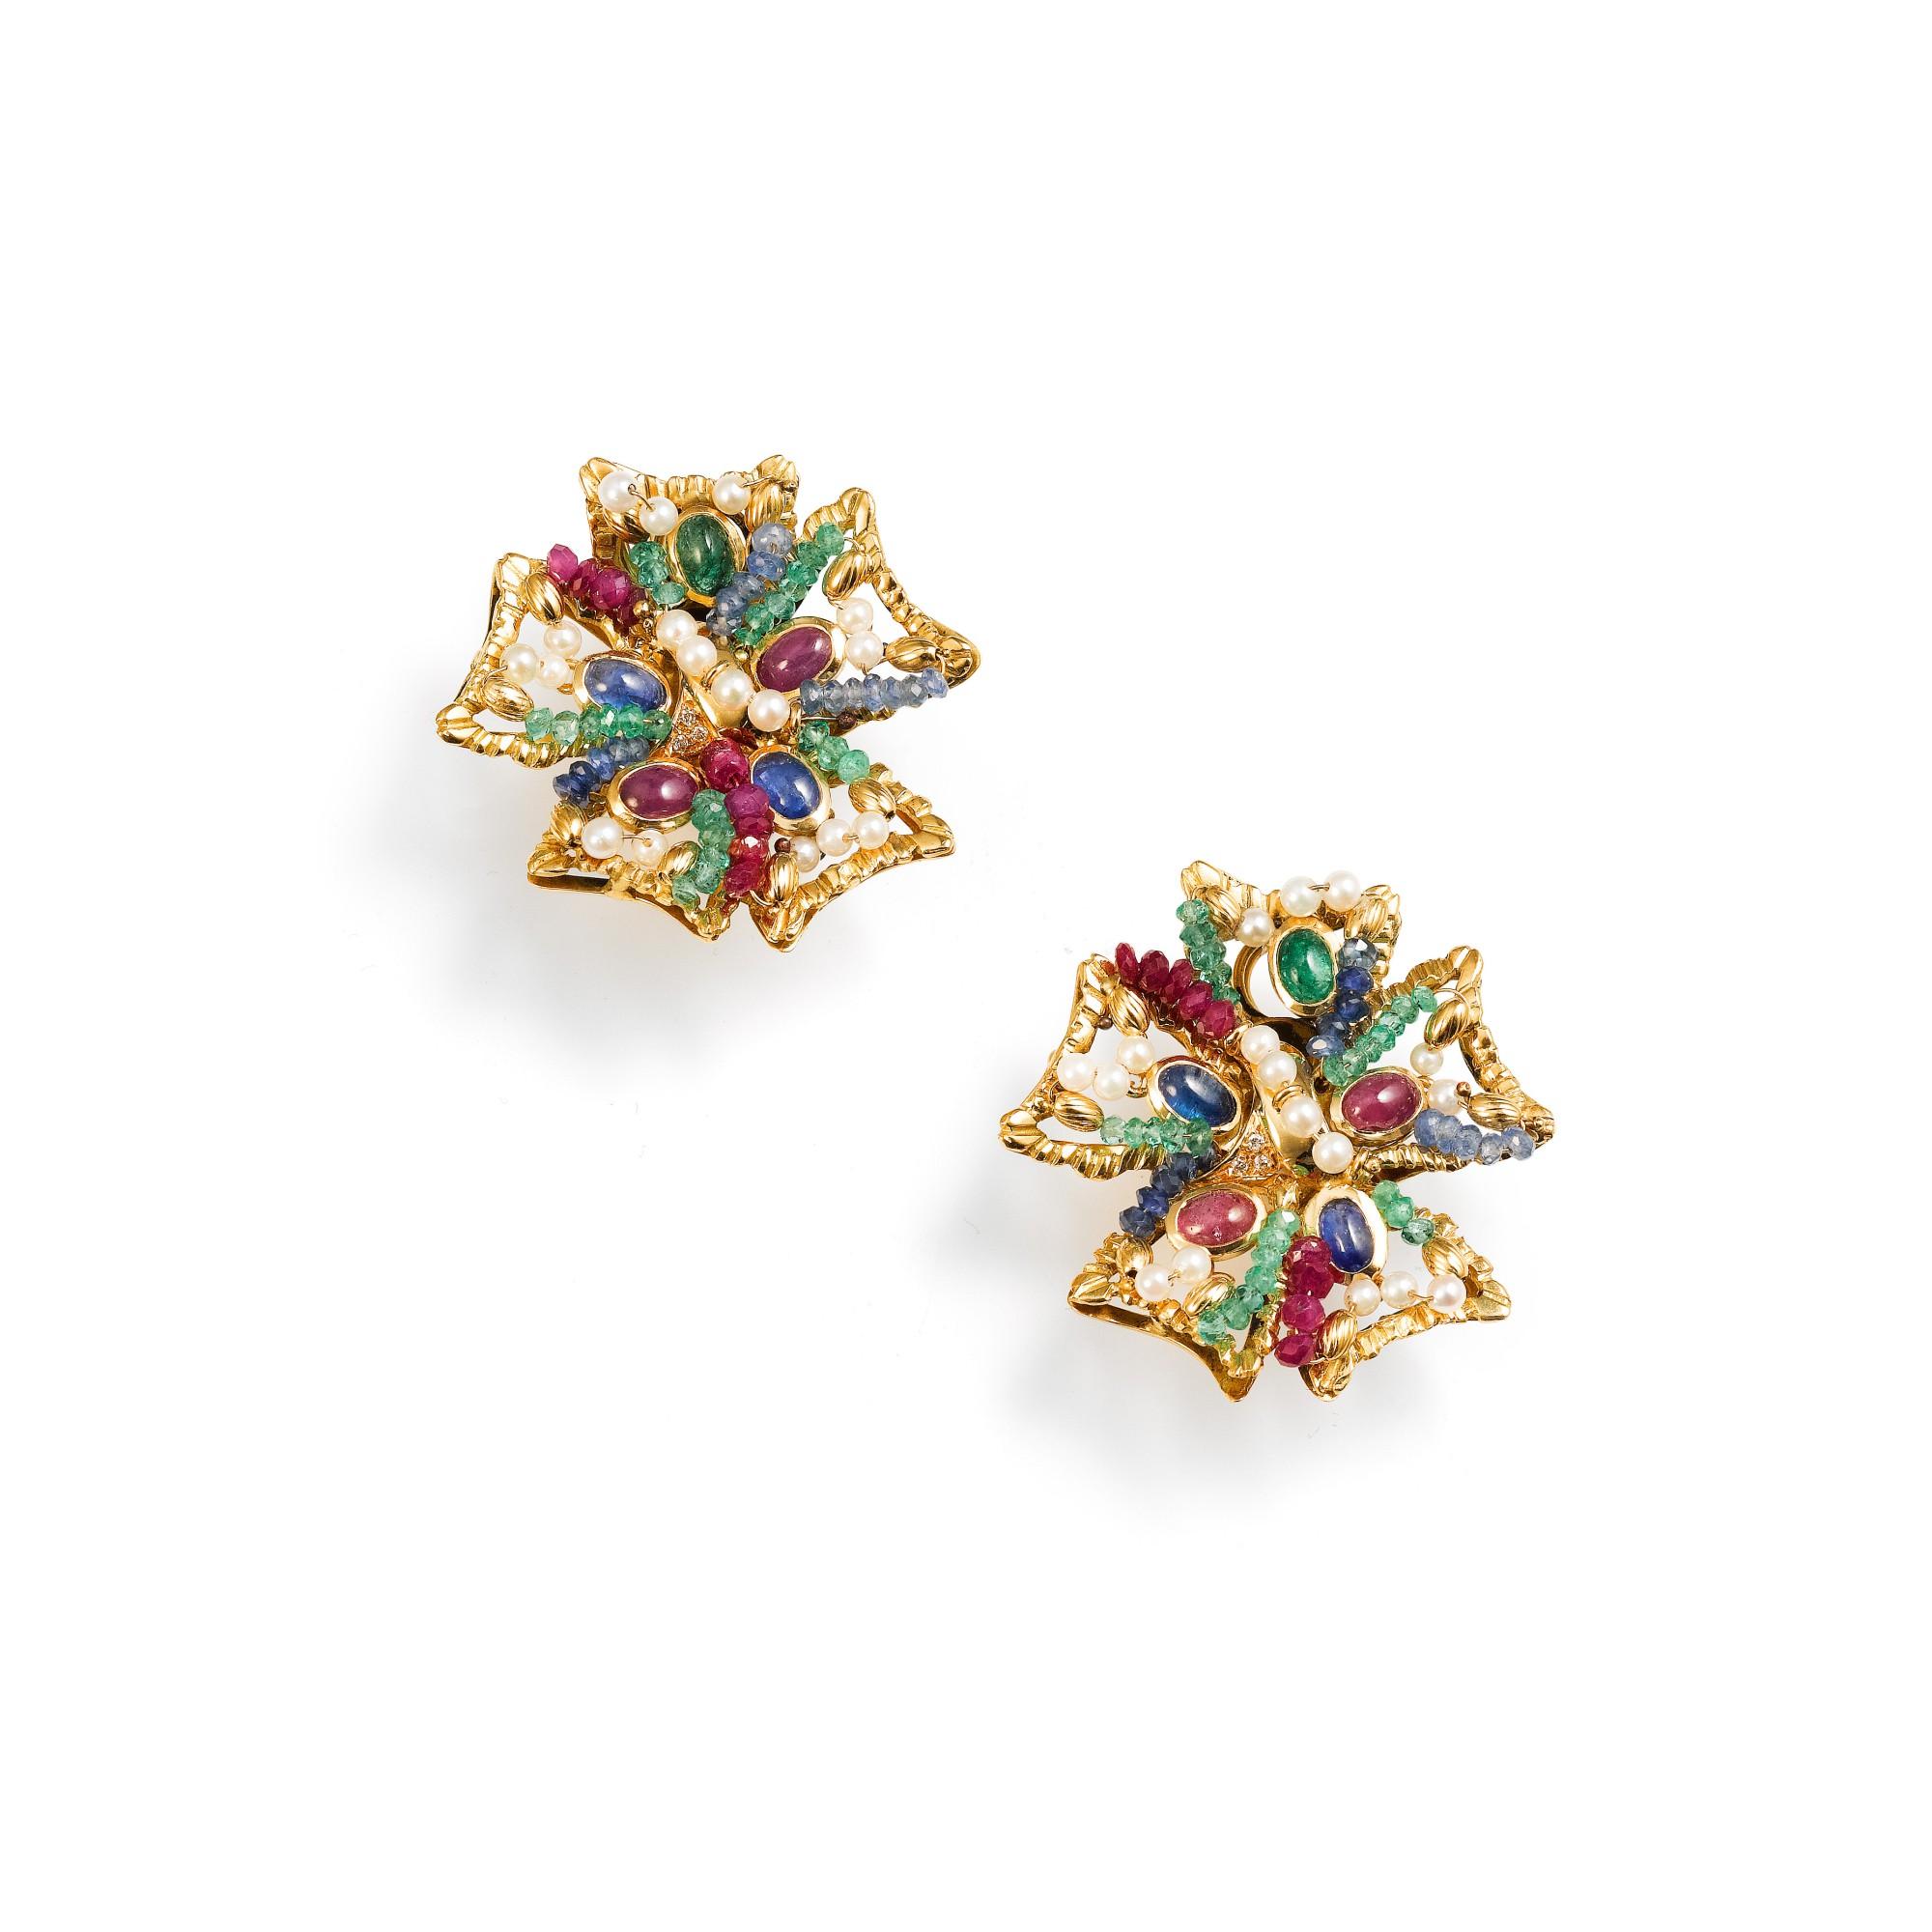 Giodoro, Pair of gem-set, cultured pearl and diamond ear clips [Paire de clips d'oreille pierres de couleur, perles de culture et diamants]